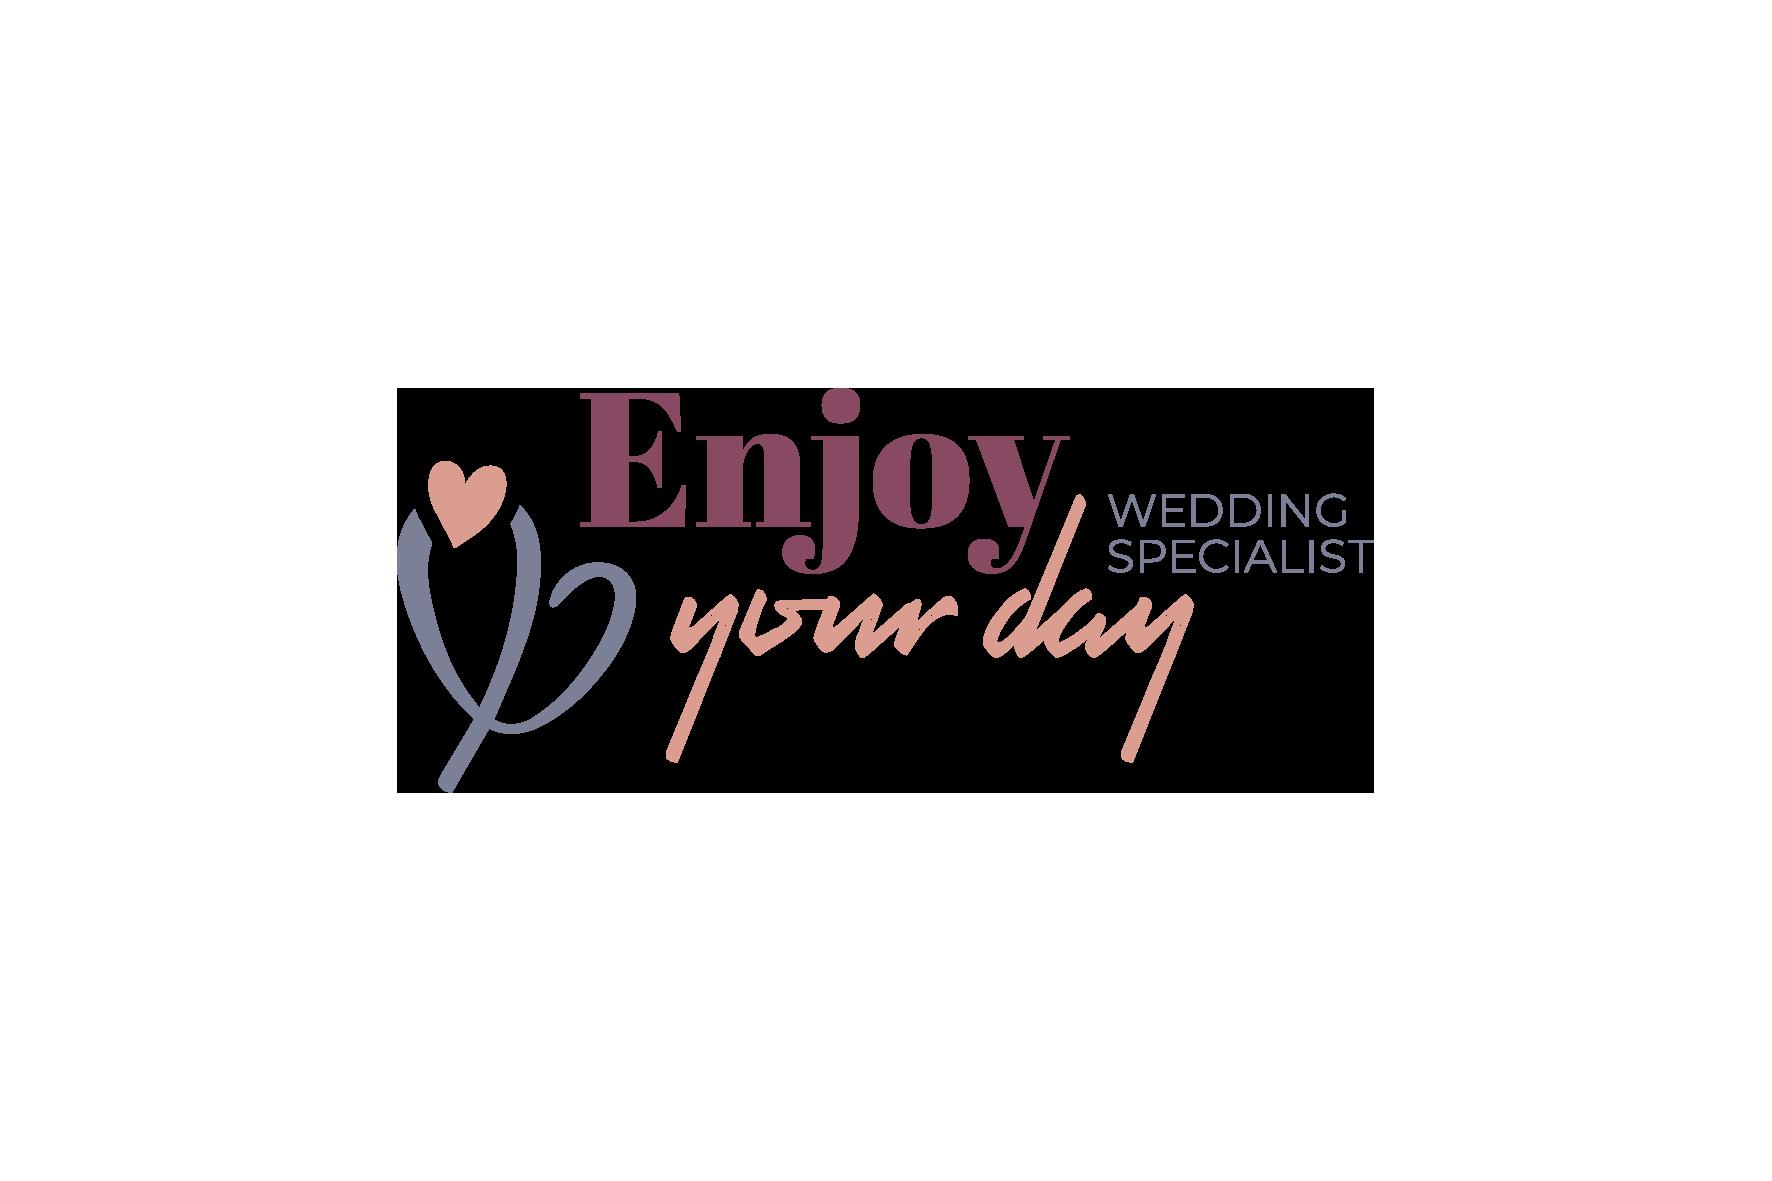 Enjoy your day, weddingspecialist